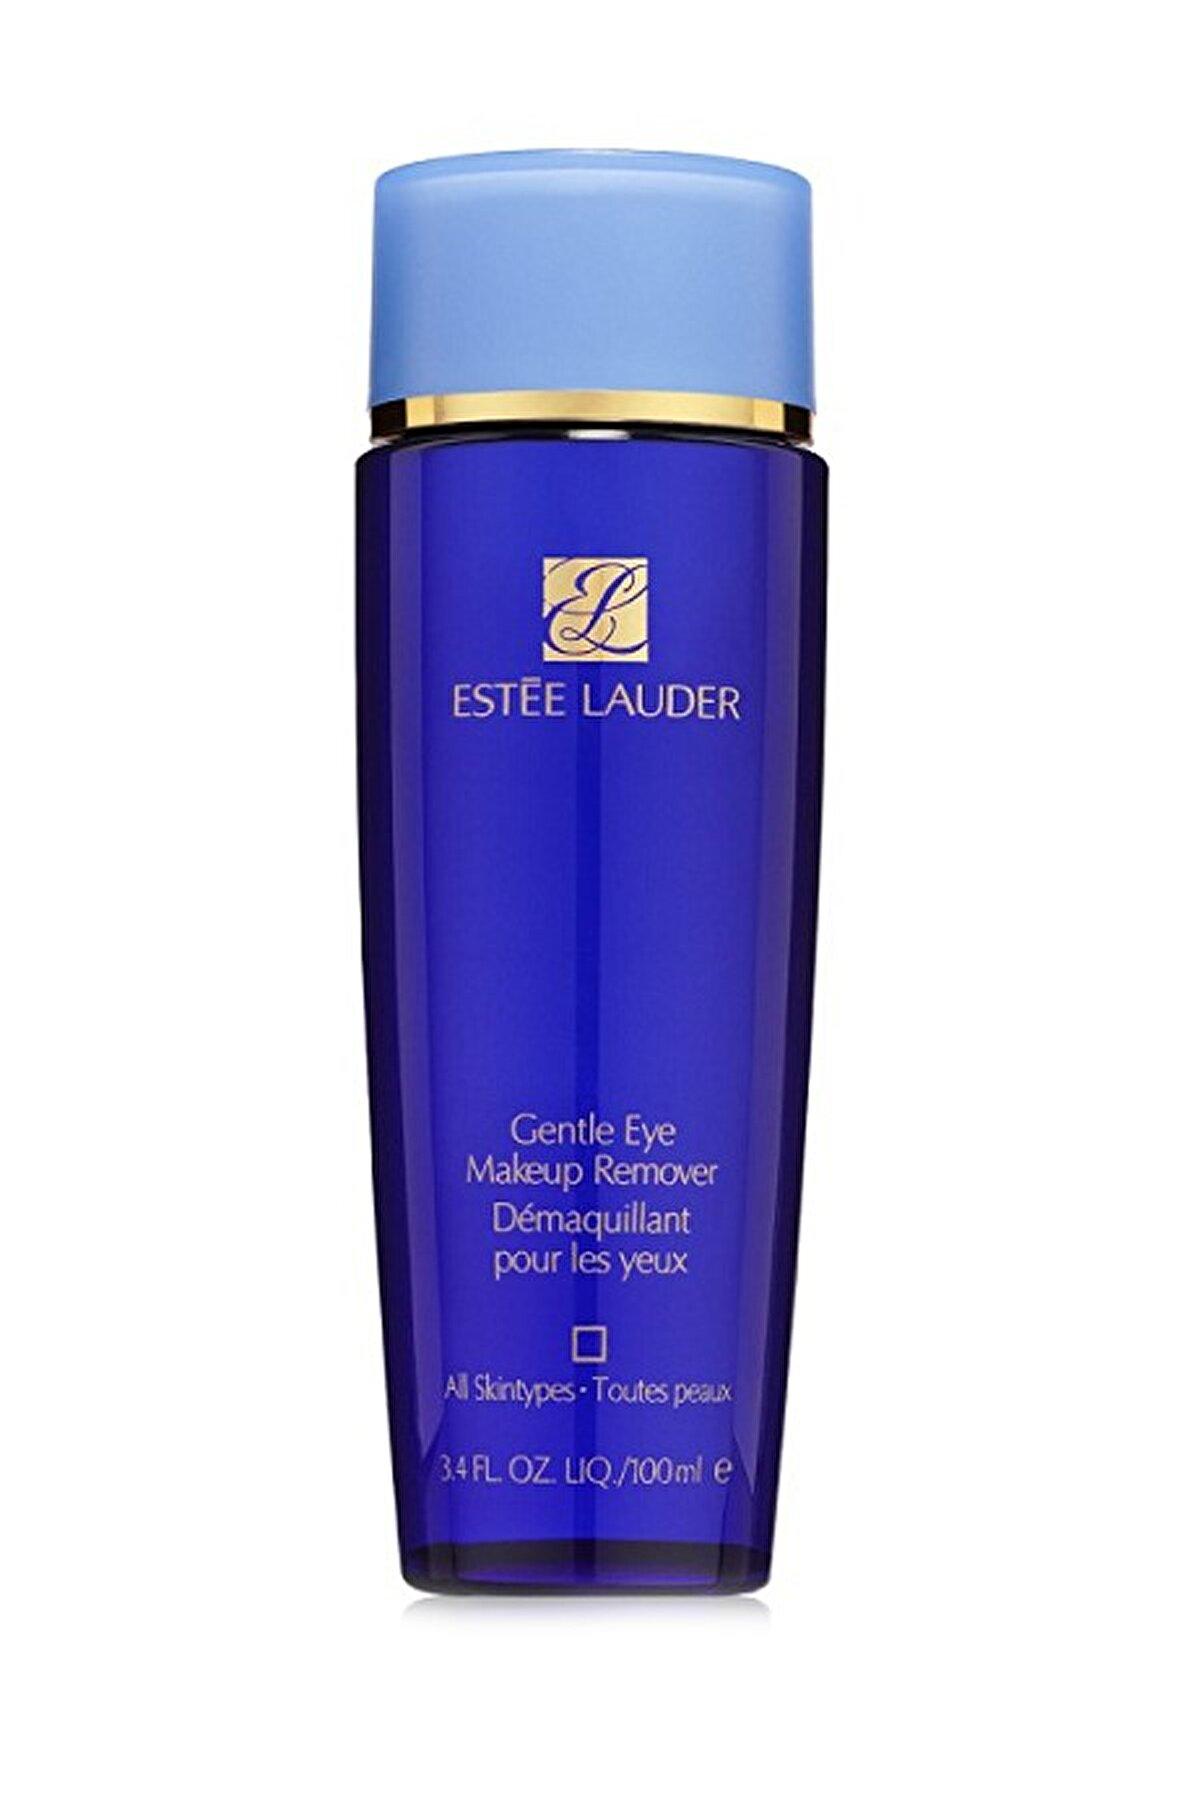 Estee Lauder Göz Makyaj Temizleyicisi - Gentle Cleanser Eye Makeup Remover 100 ml 27131009306